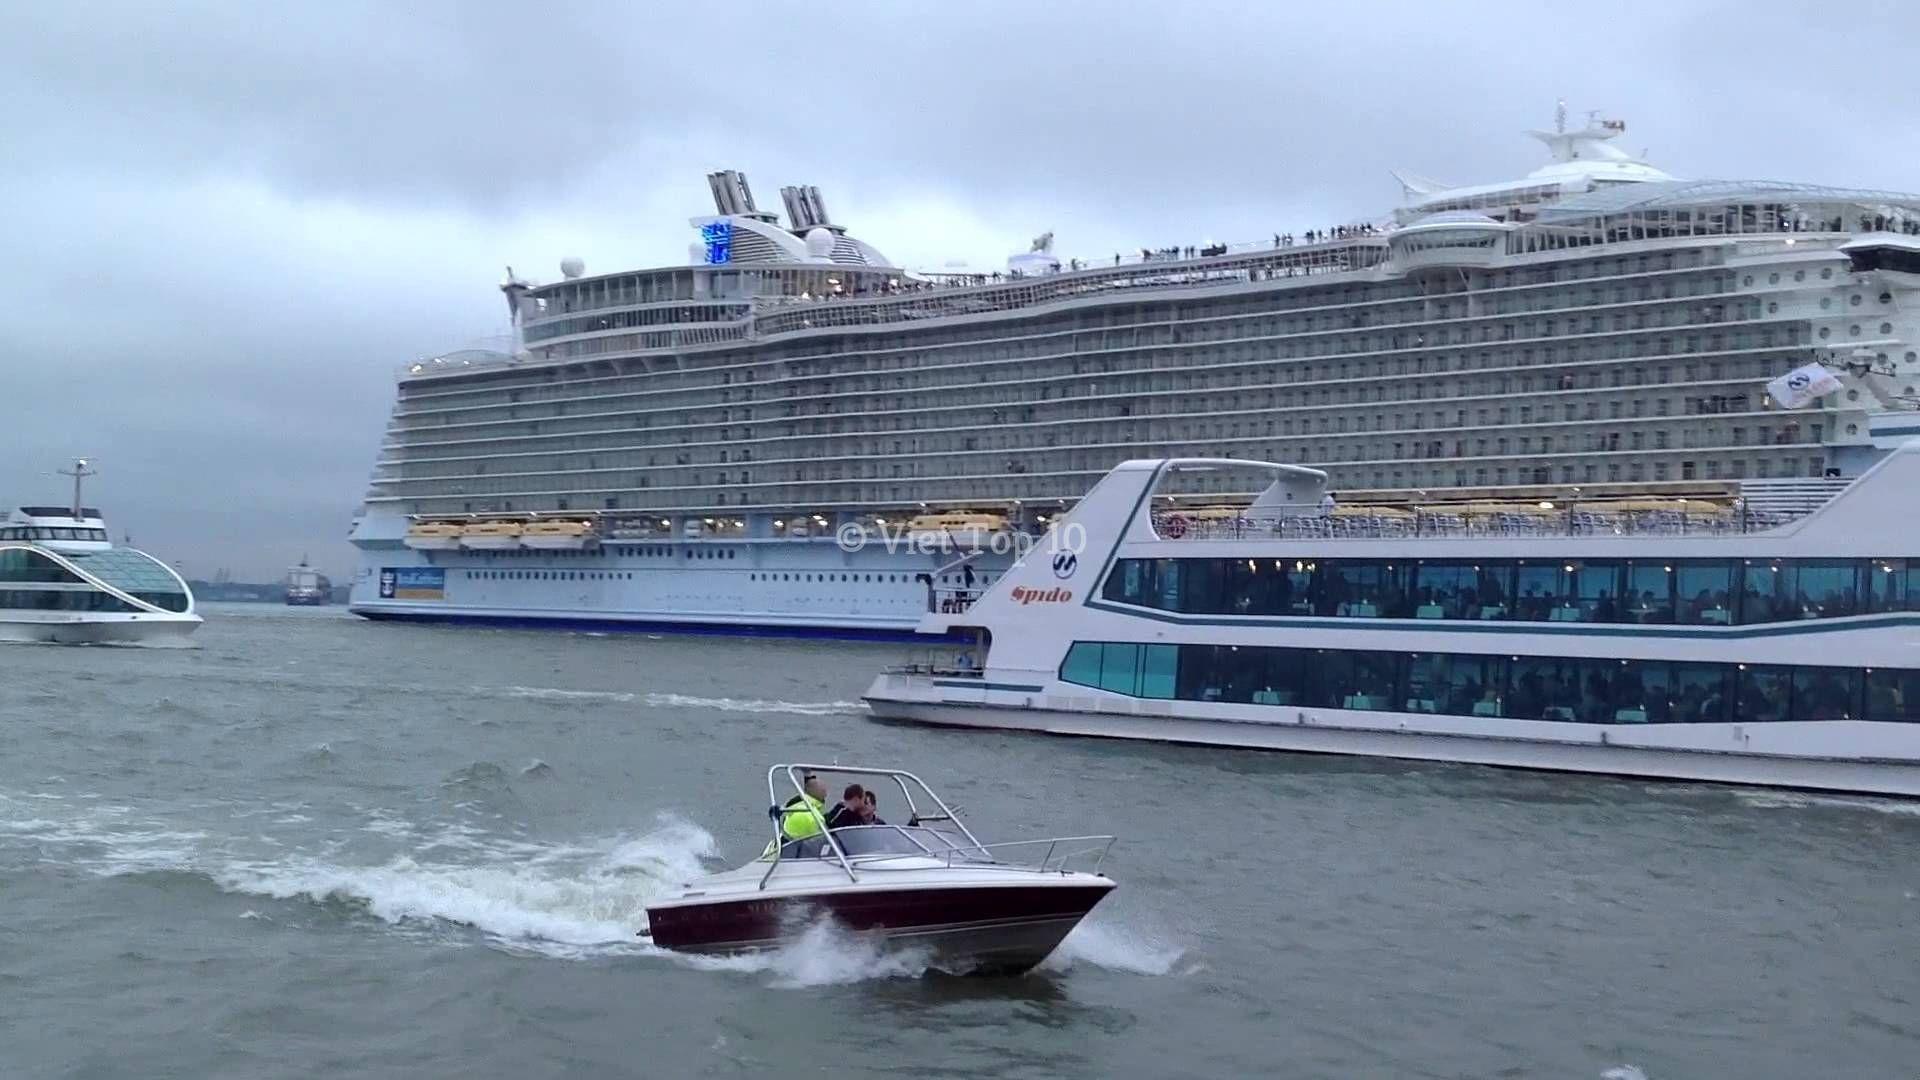 top 10 siêu tàu du lịch lớn nhất thế giới - việt top 10 - việt top 10 net - viettop10